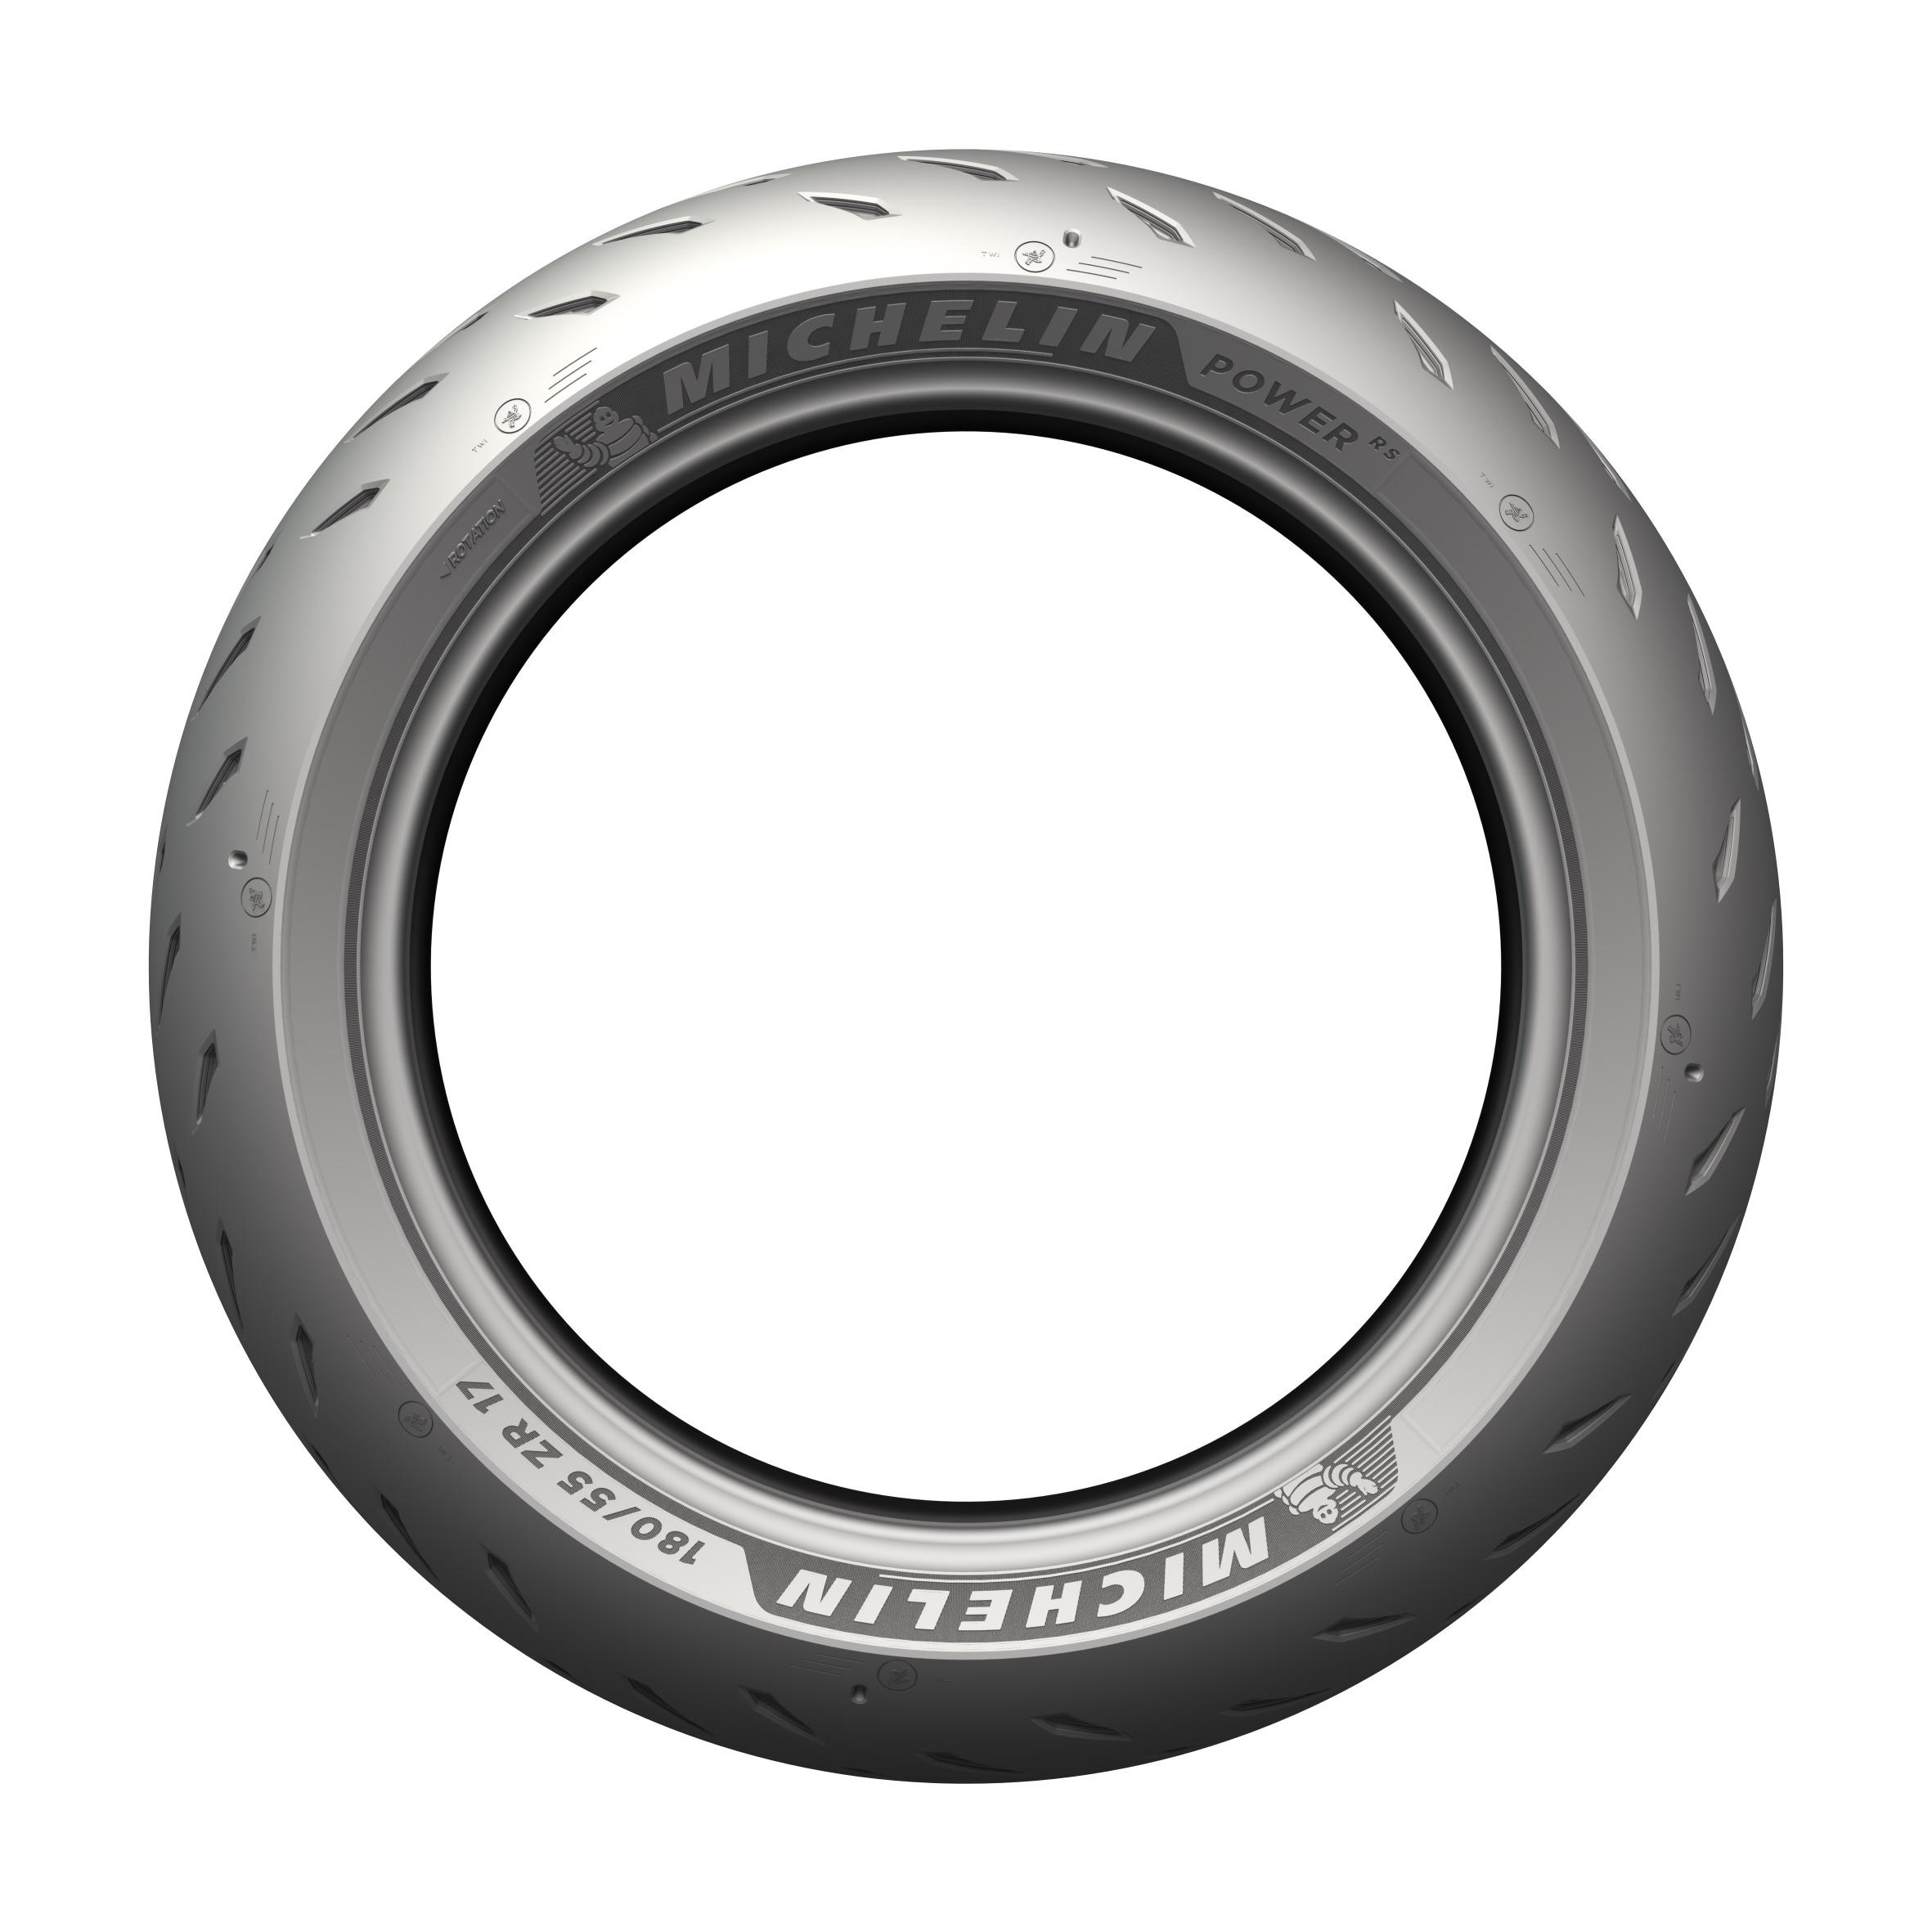 michelin power rs le nouveau pneu moto sport route chewing gomme. Black Bedroom Furniture Sets. Home Design Ideas